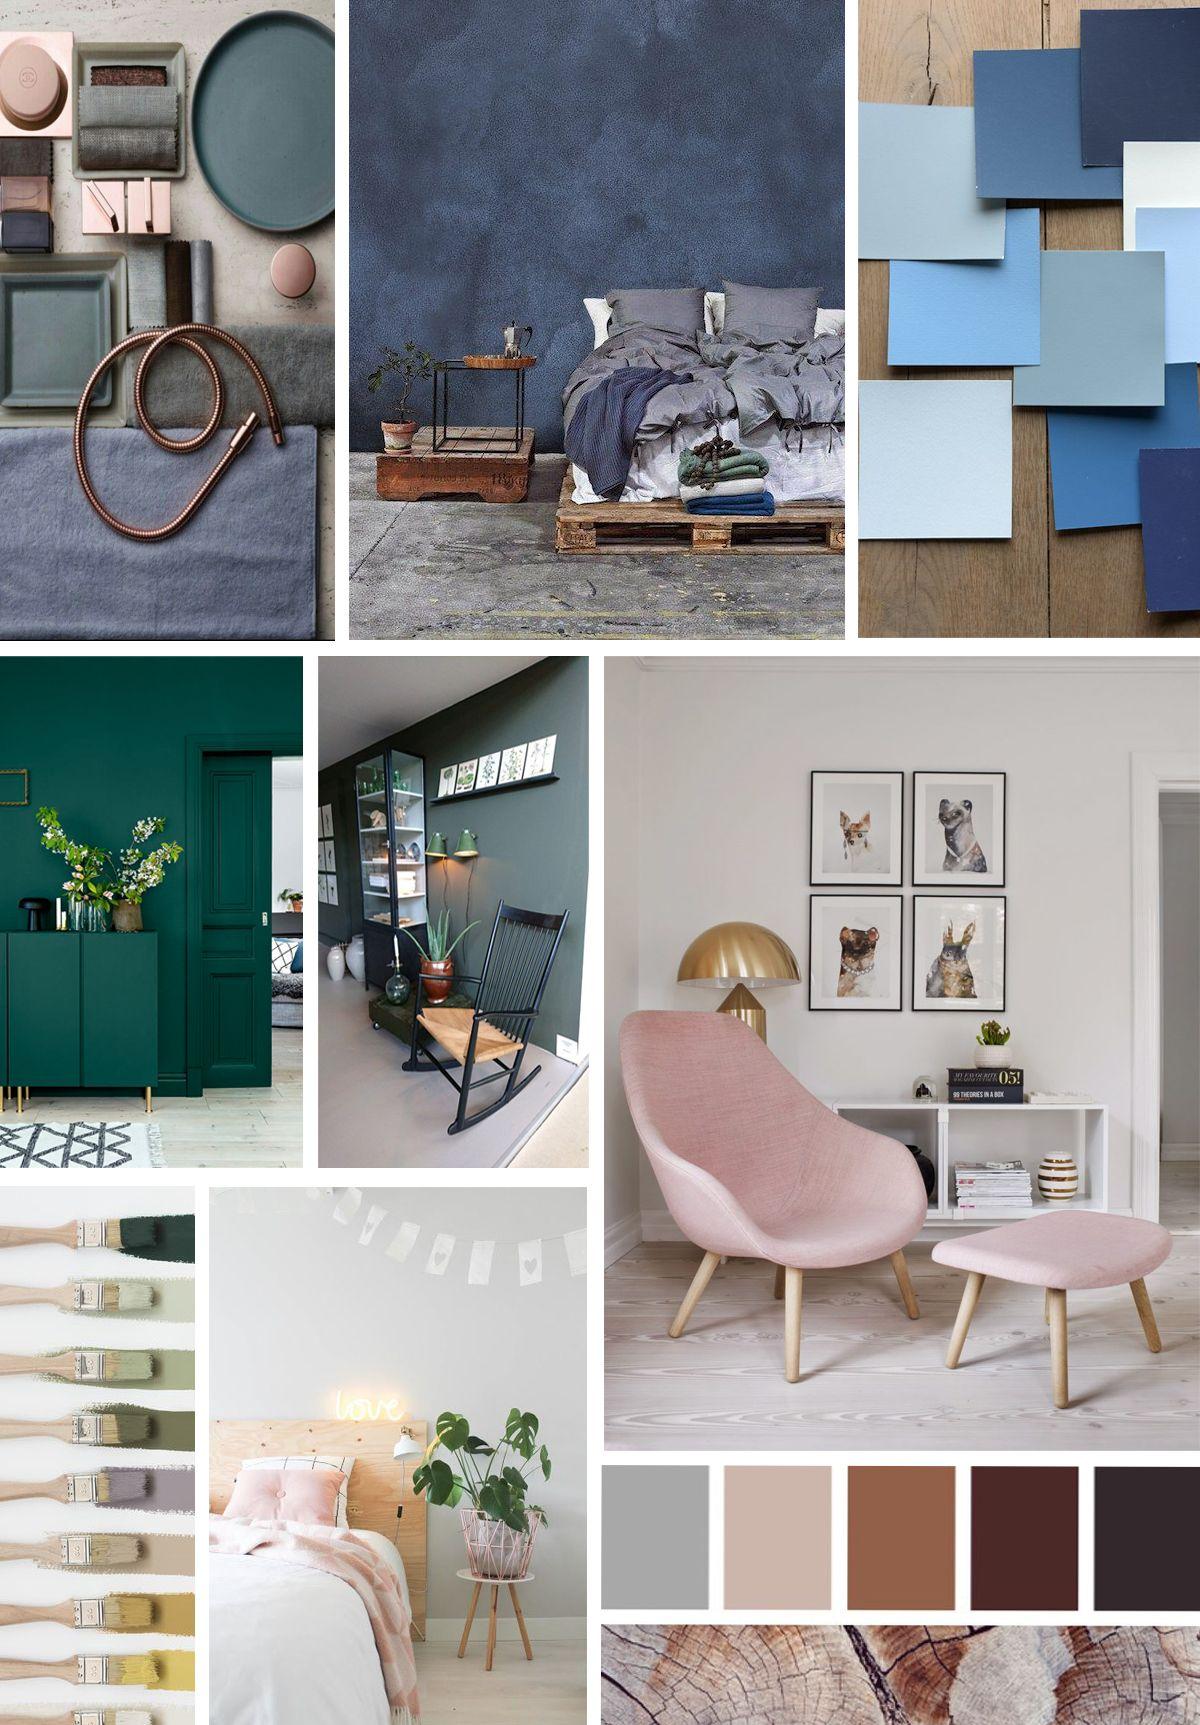 interieur kleuren trend 2018  Stijlen  Gallery wall